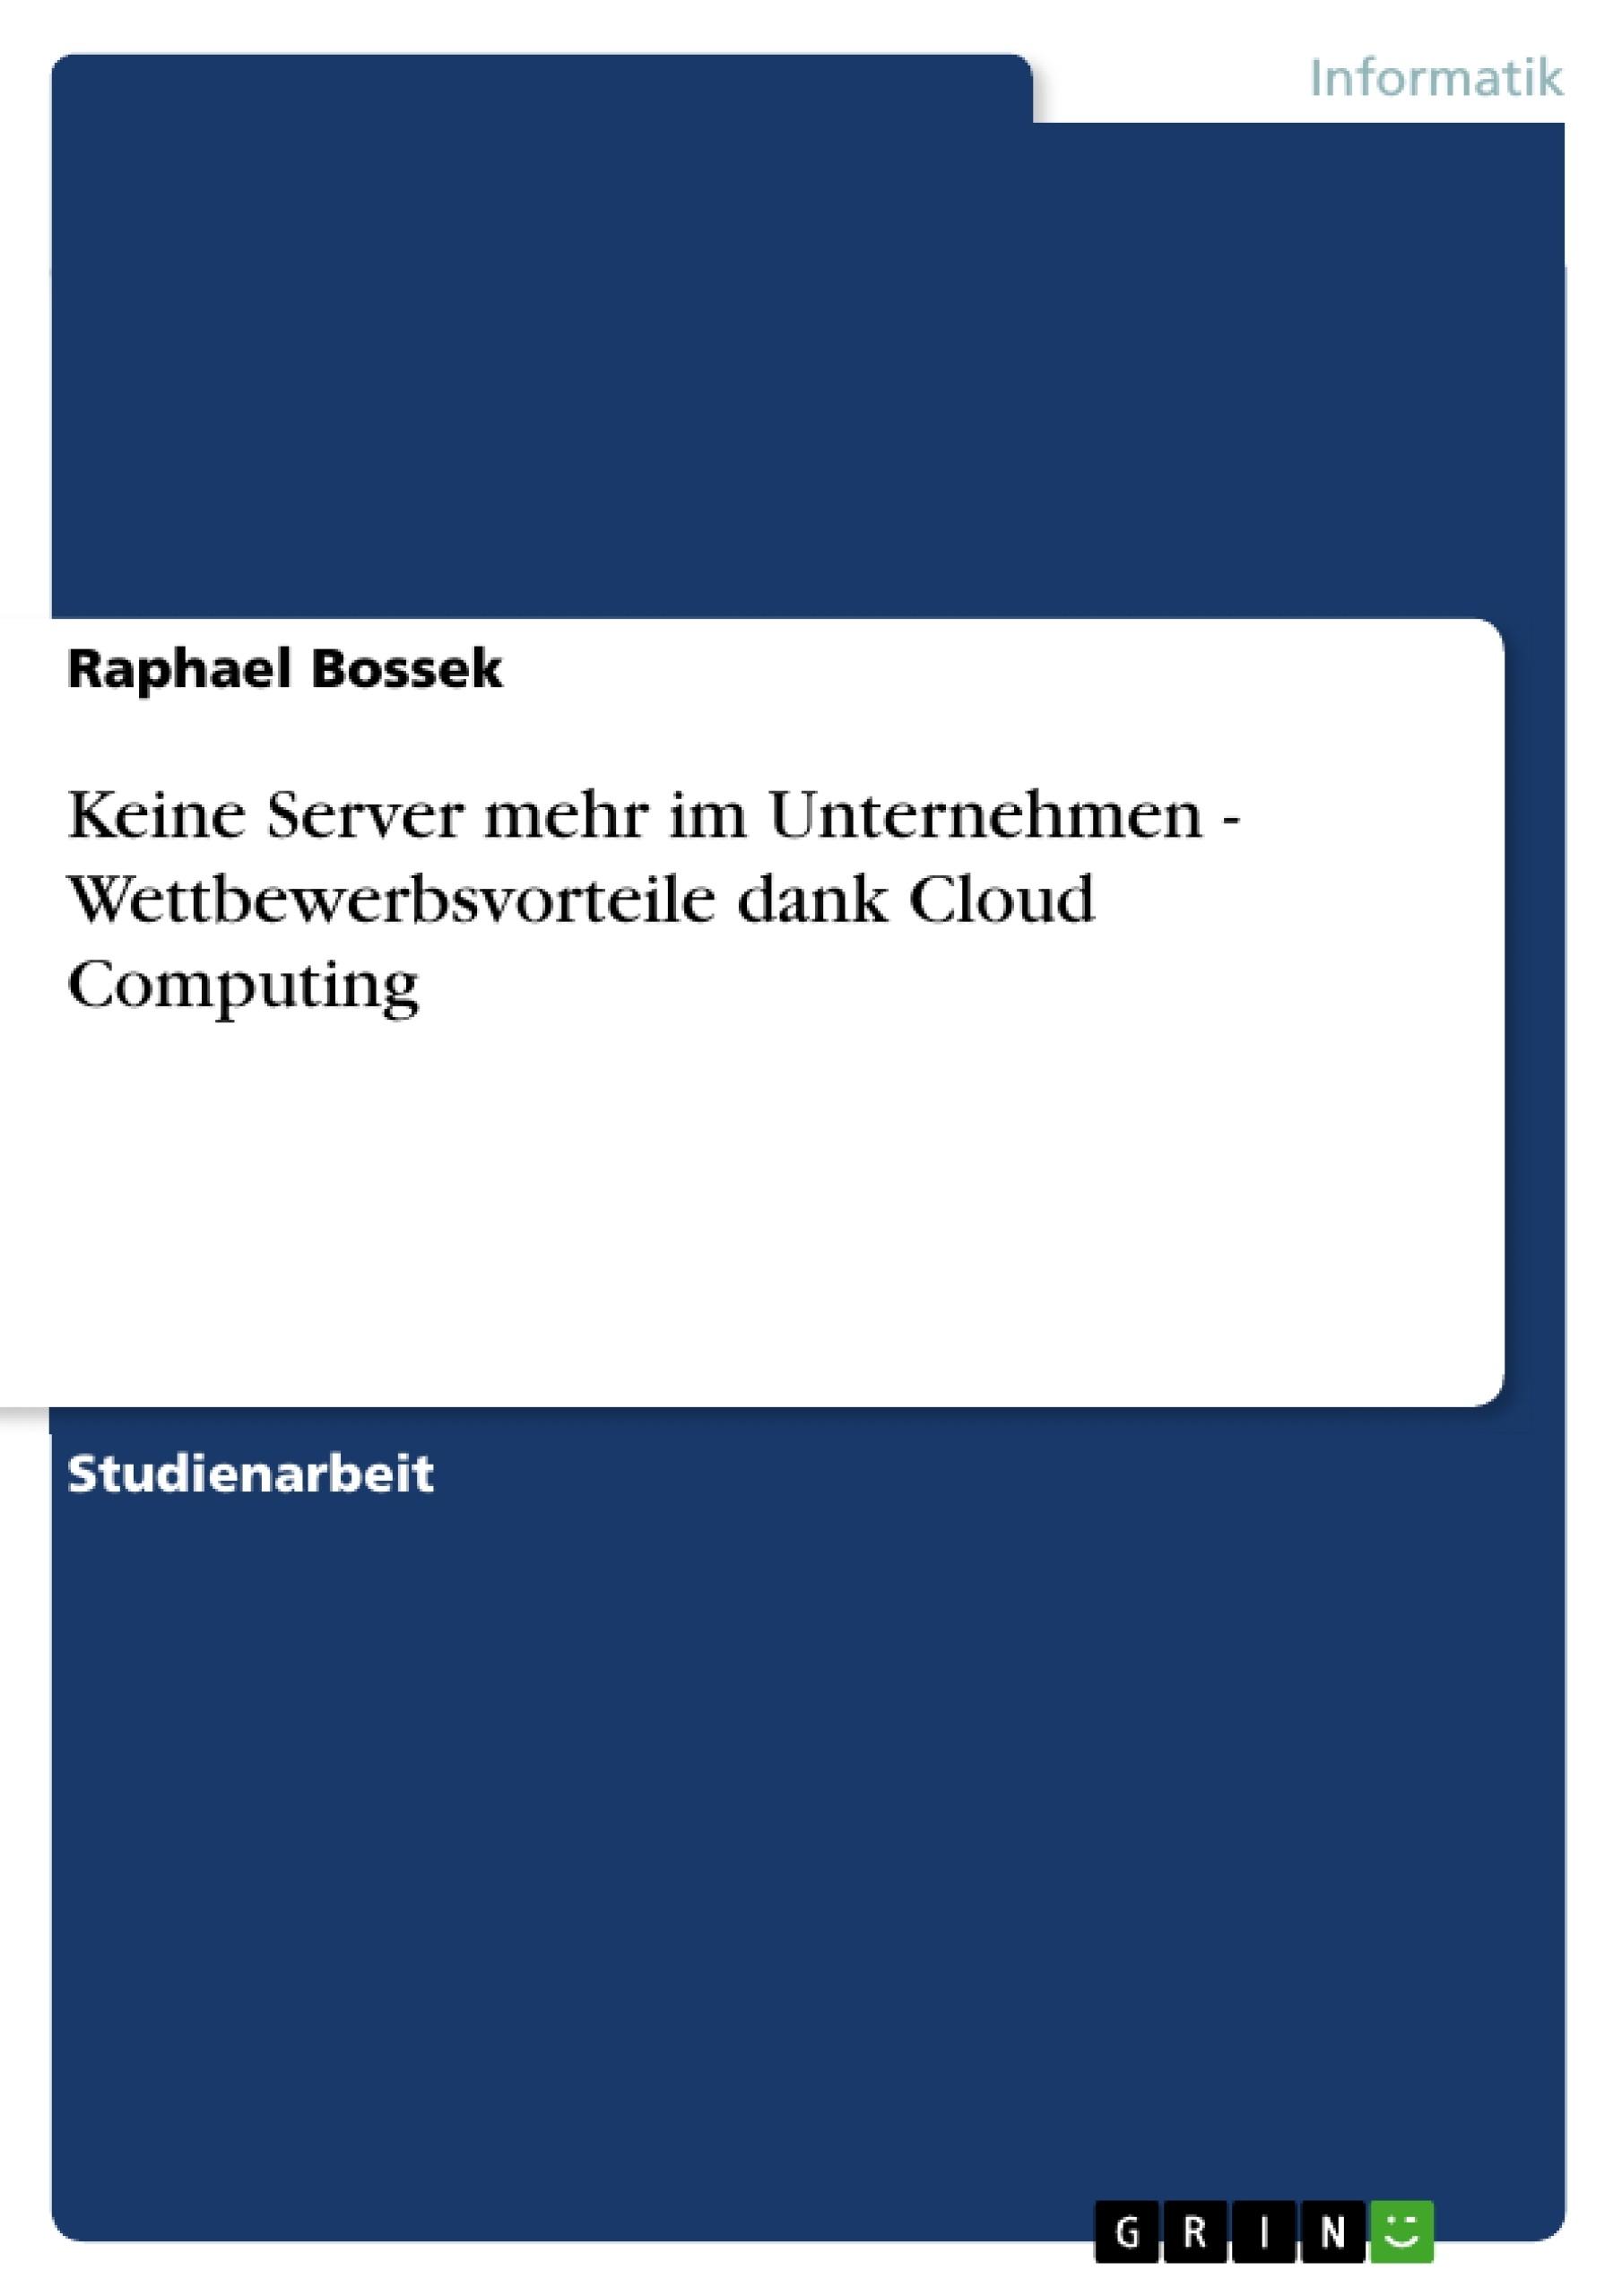 Titel: Keine Server mehr im Unternehmen - Wettbewerbsvorteile dank Cloud Computing